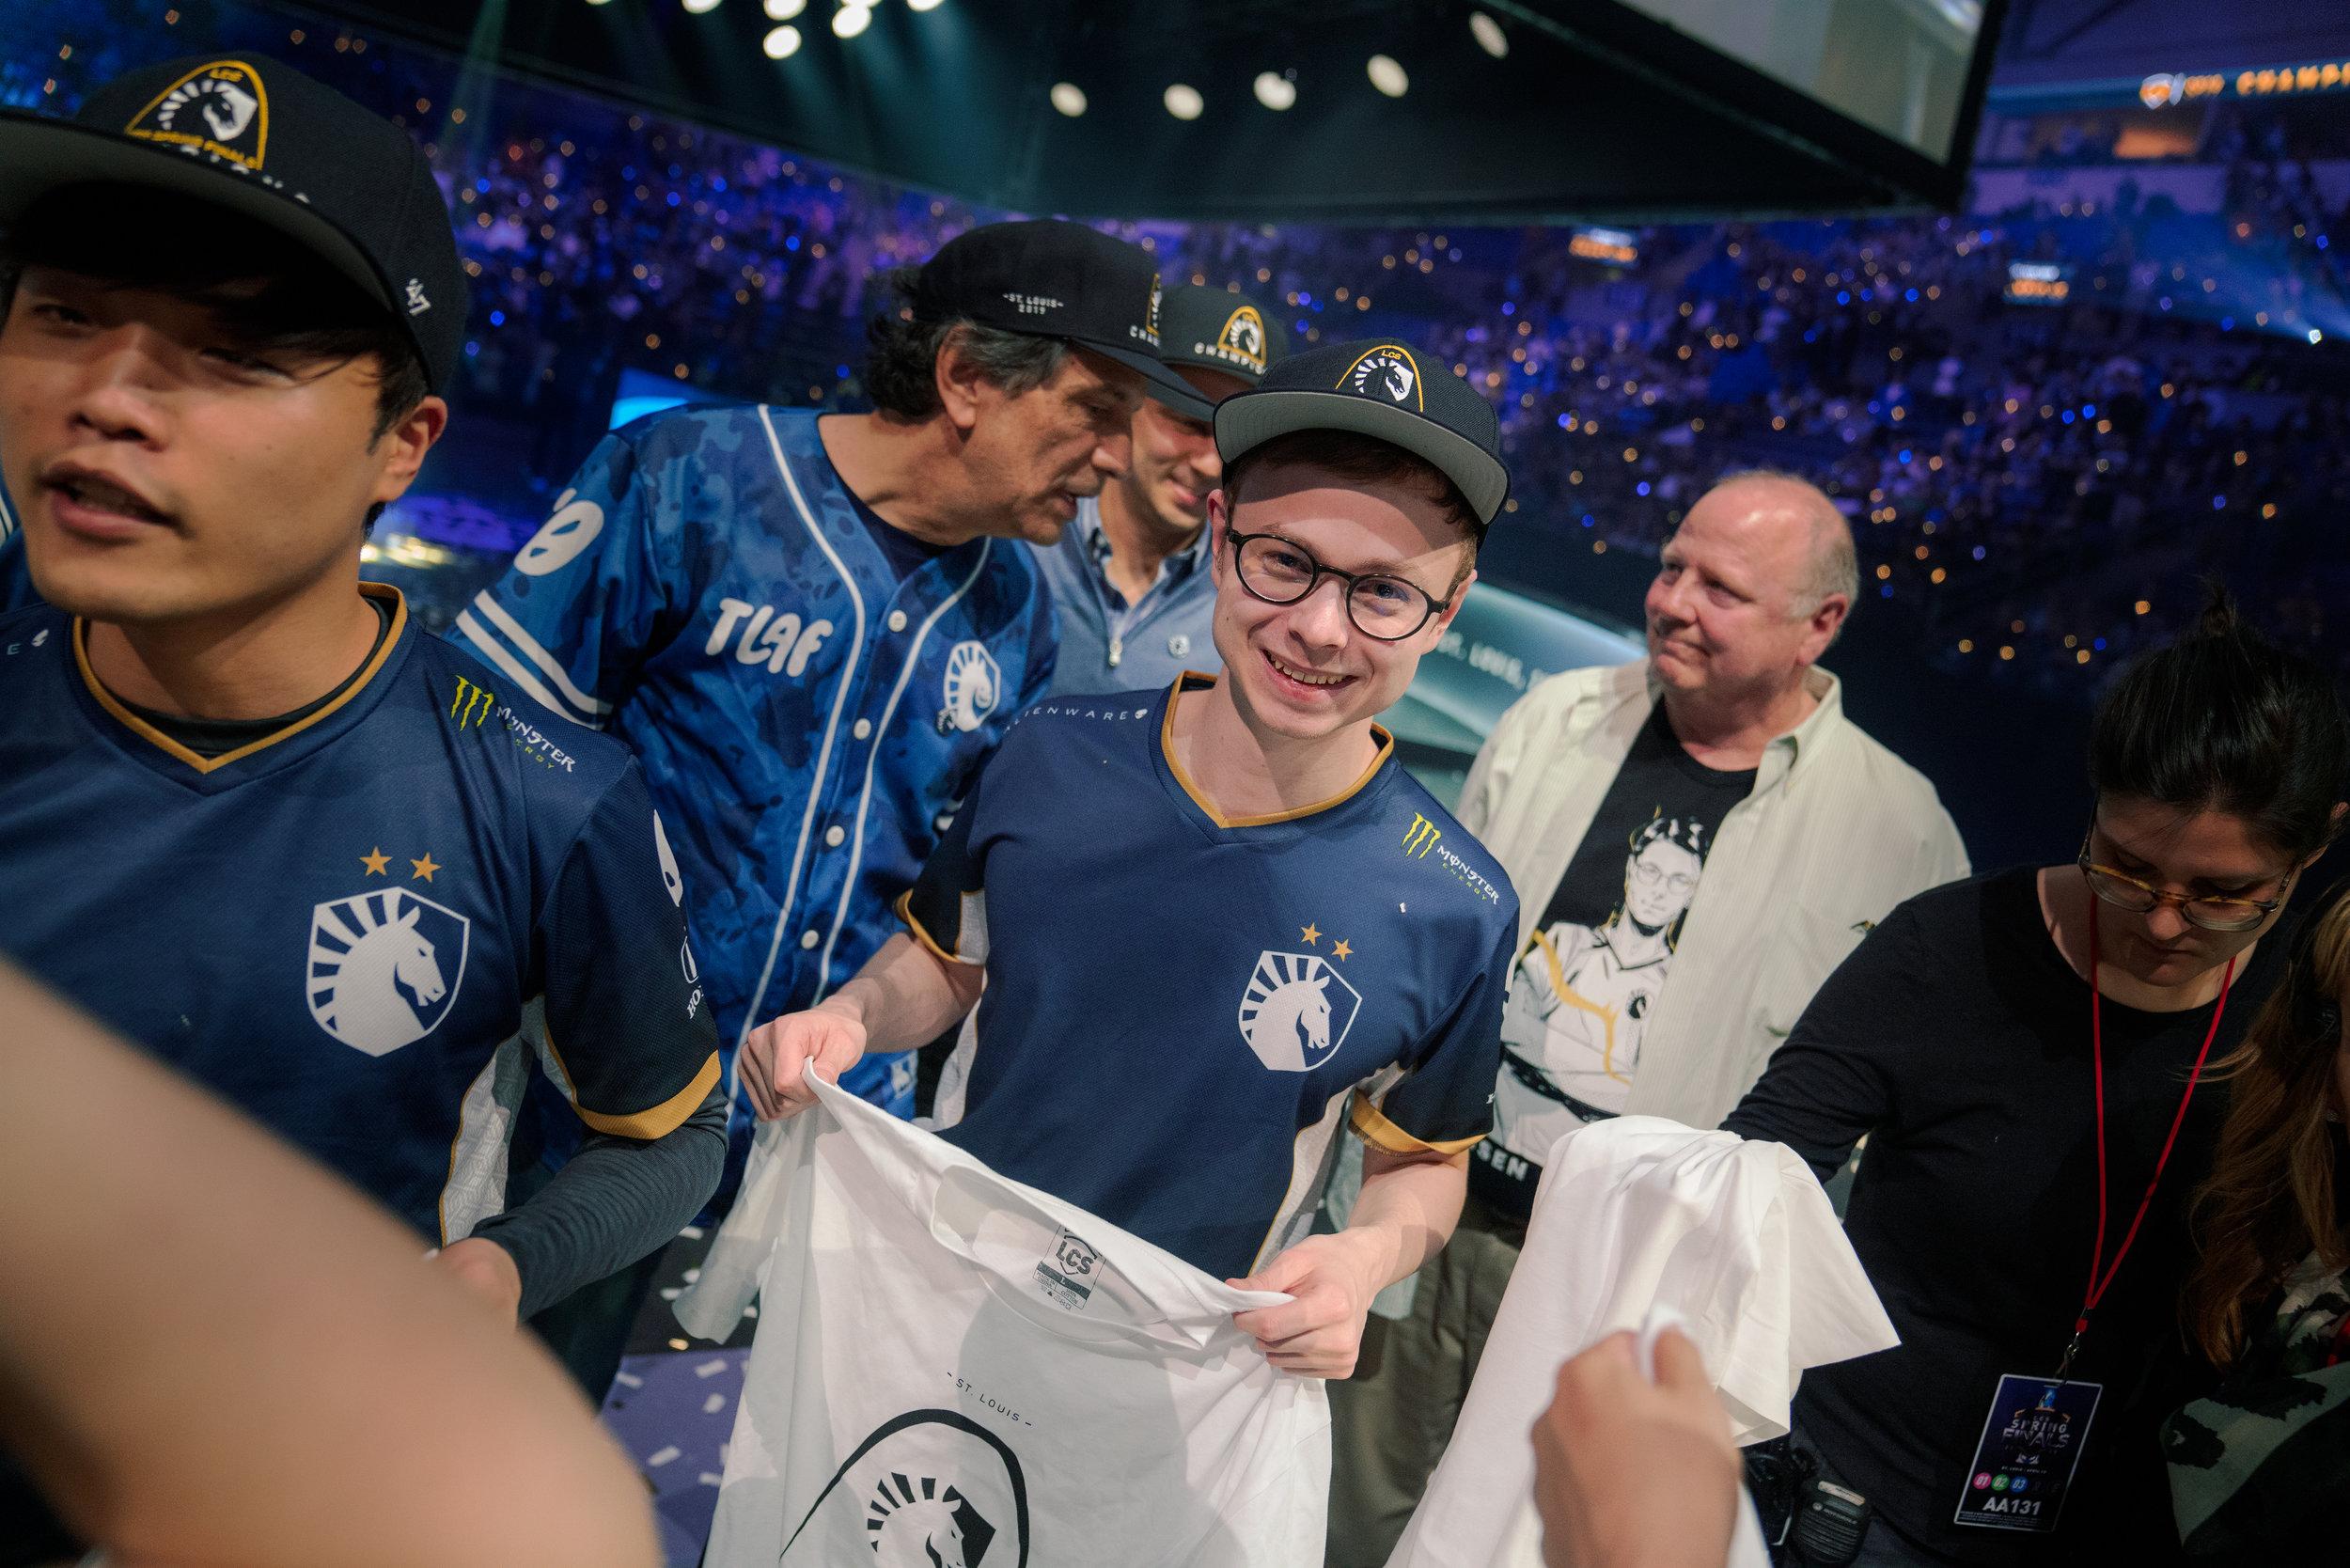 jensen-first-champ.jpg